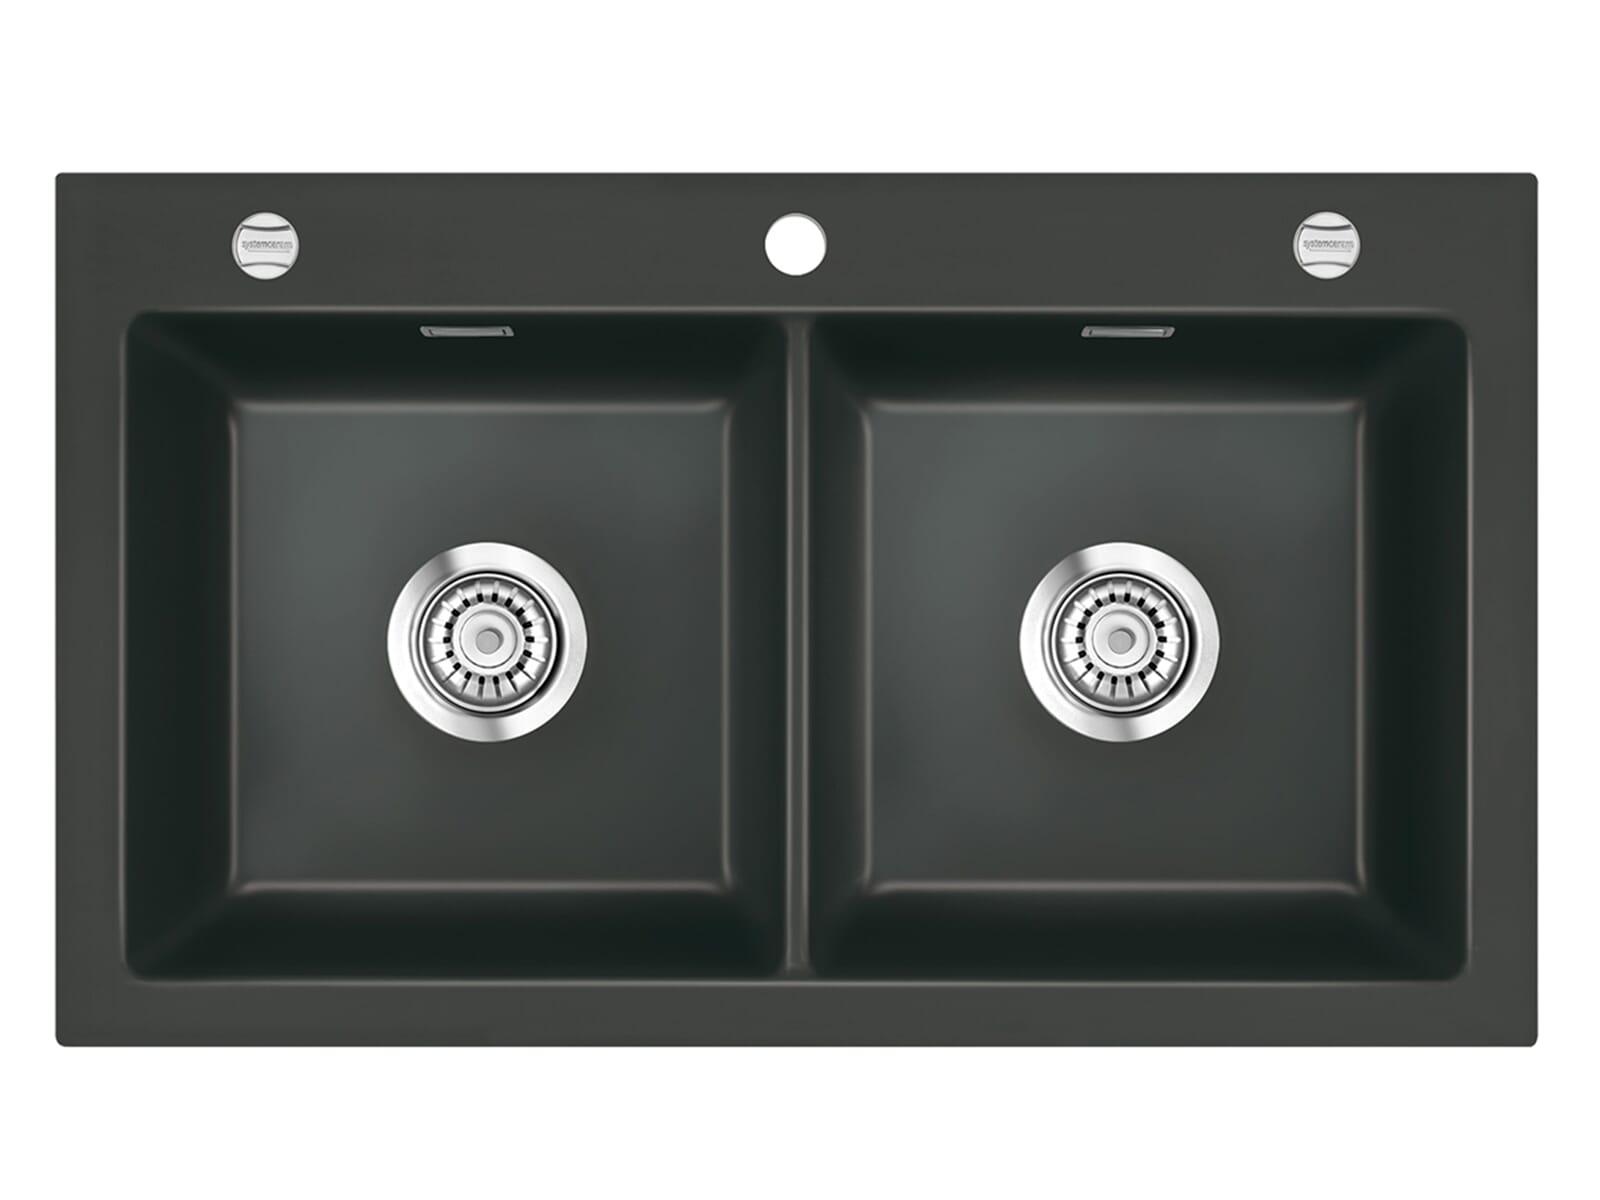 Systemceram Mera Twin Schiefer Keramikspüle Excenterbetätigung